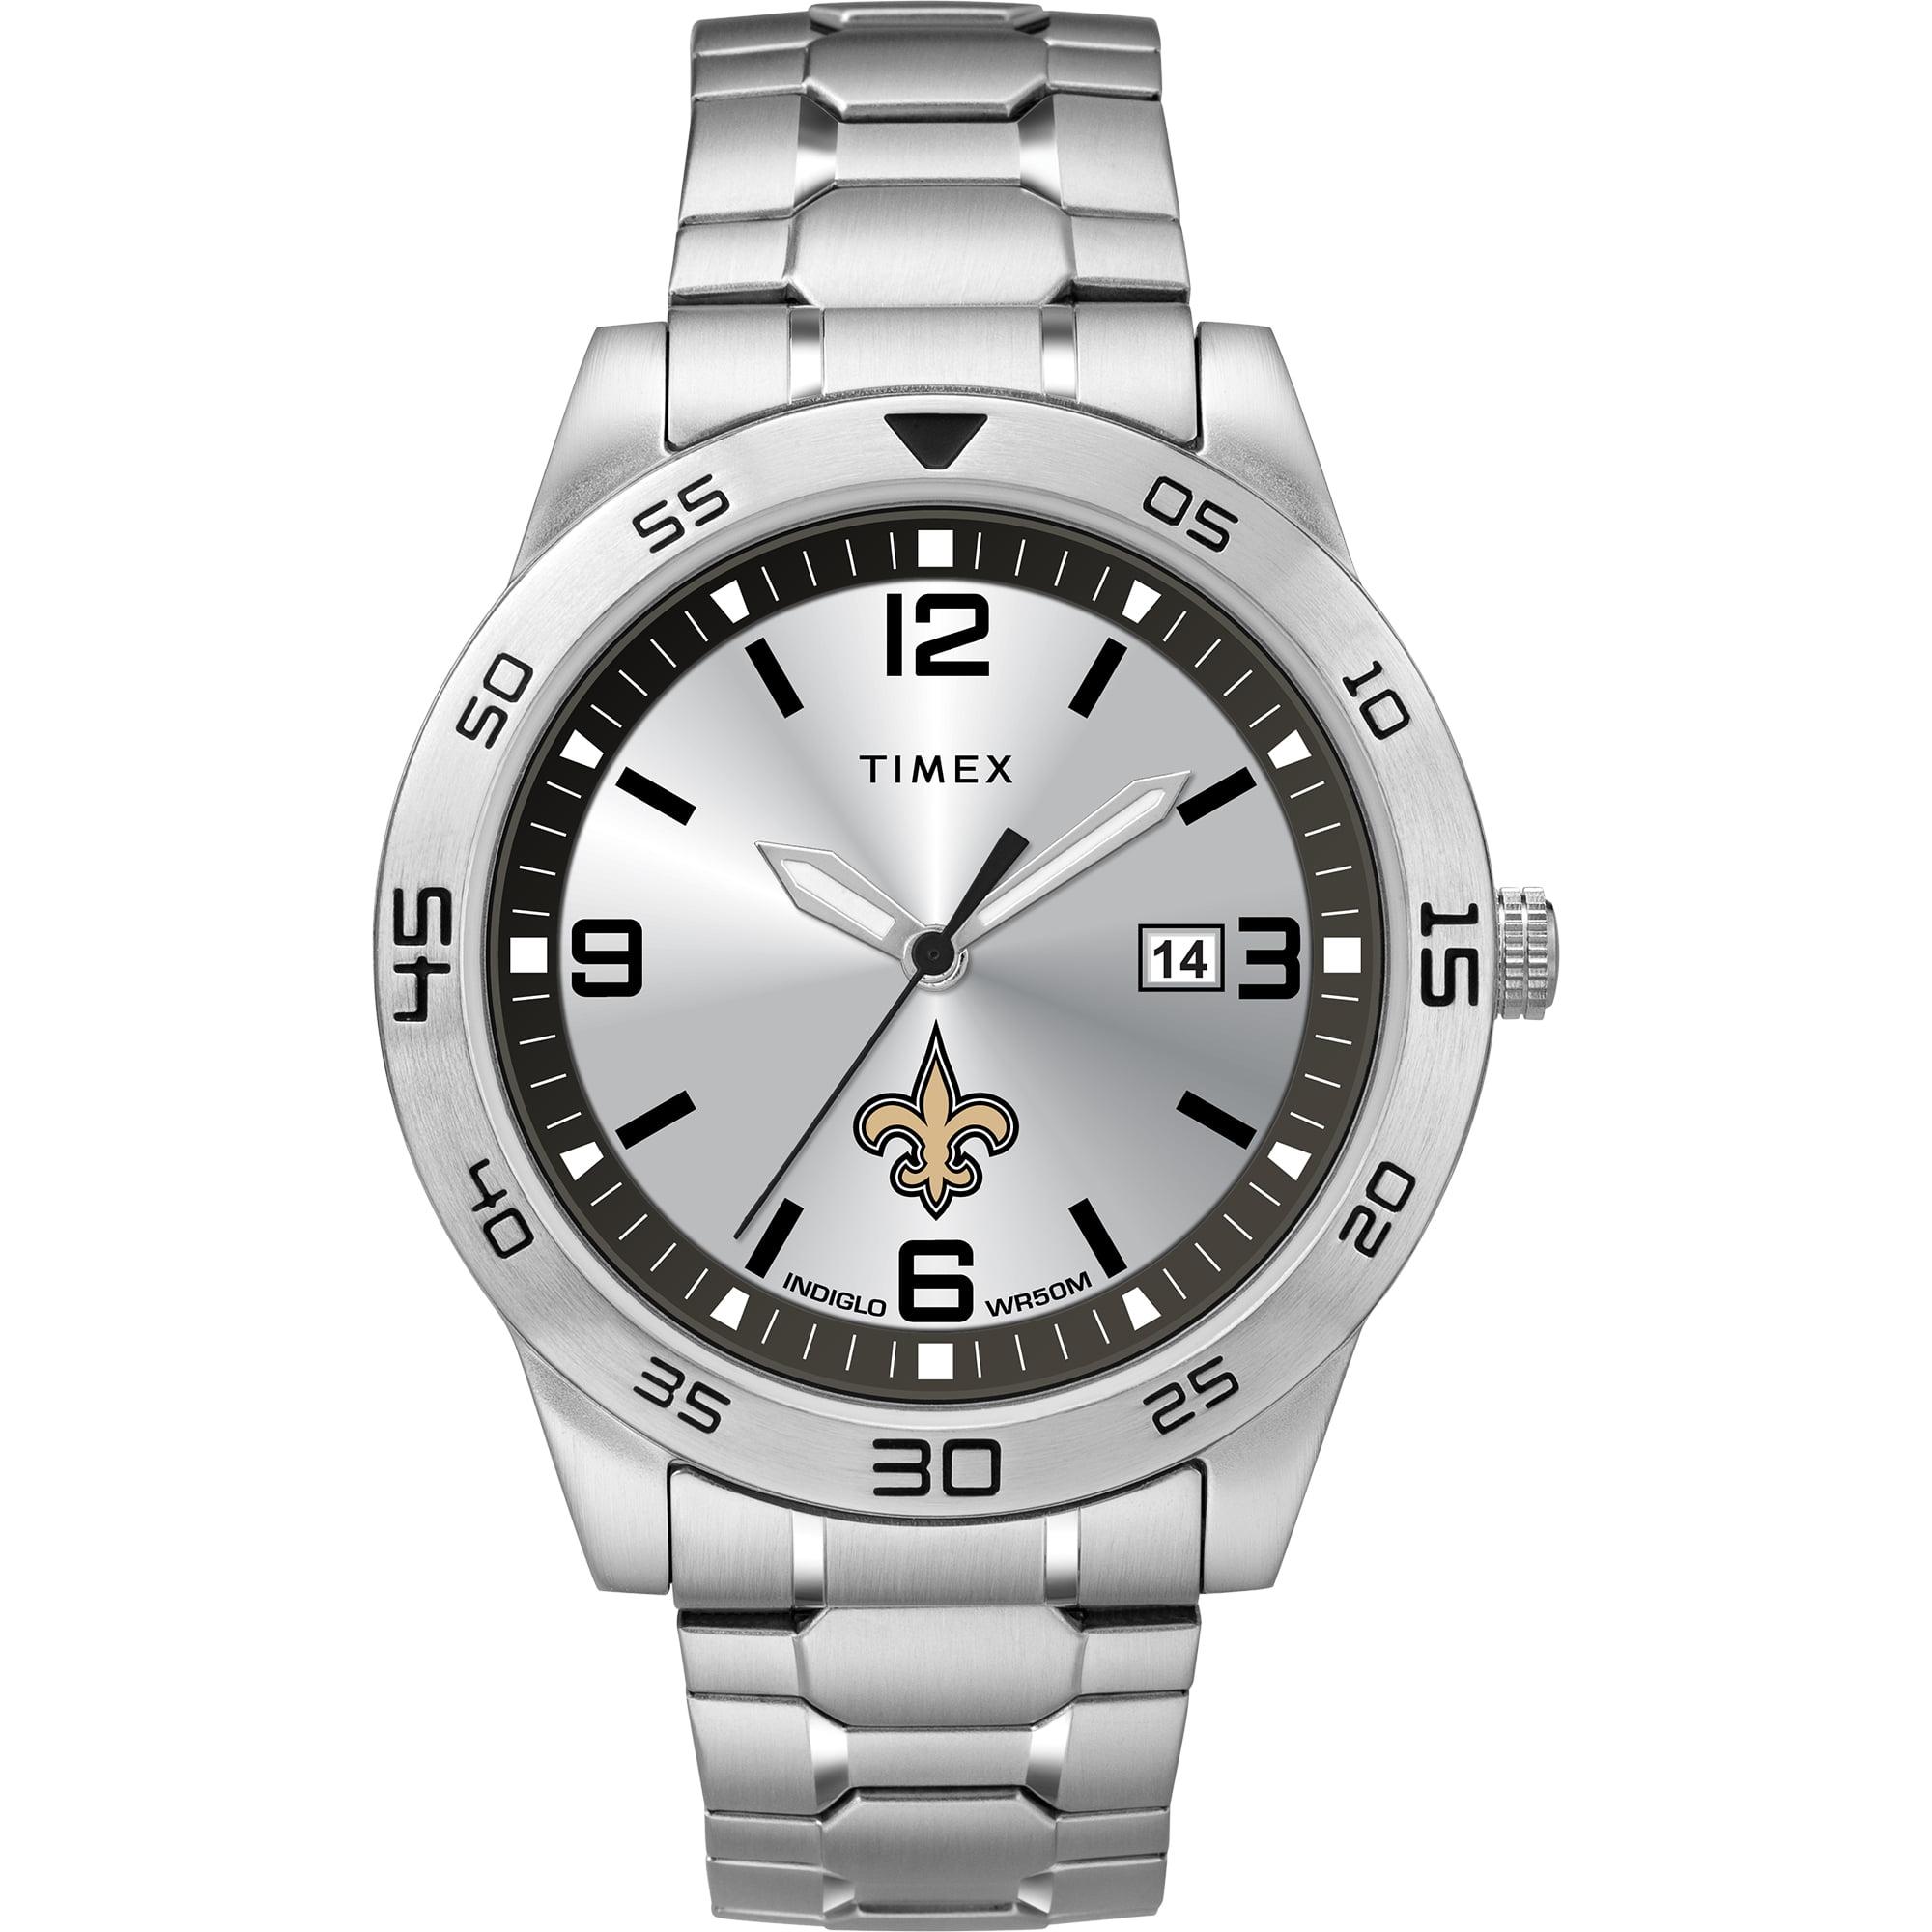 Timex - NFL Tribute Collection Citation Men's Watch, New Orleans Saints